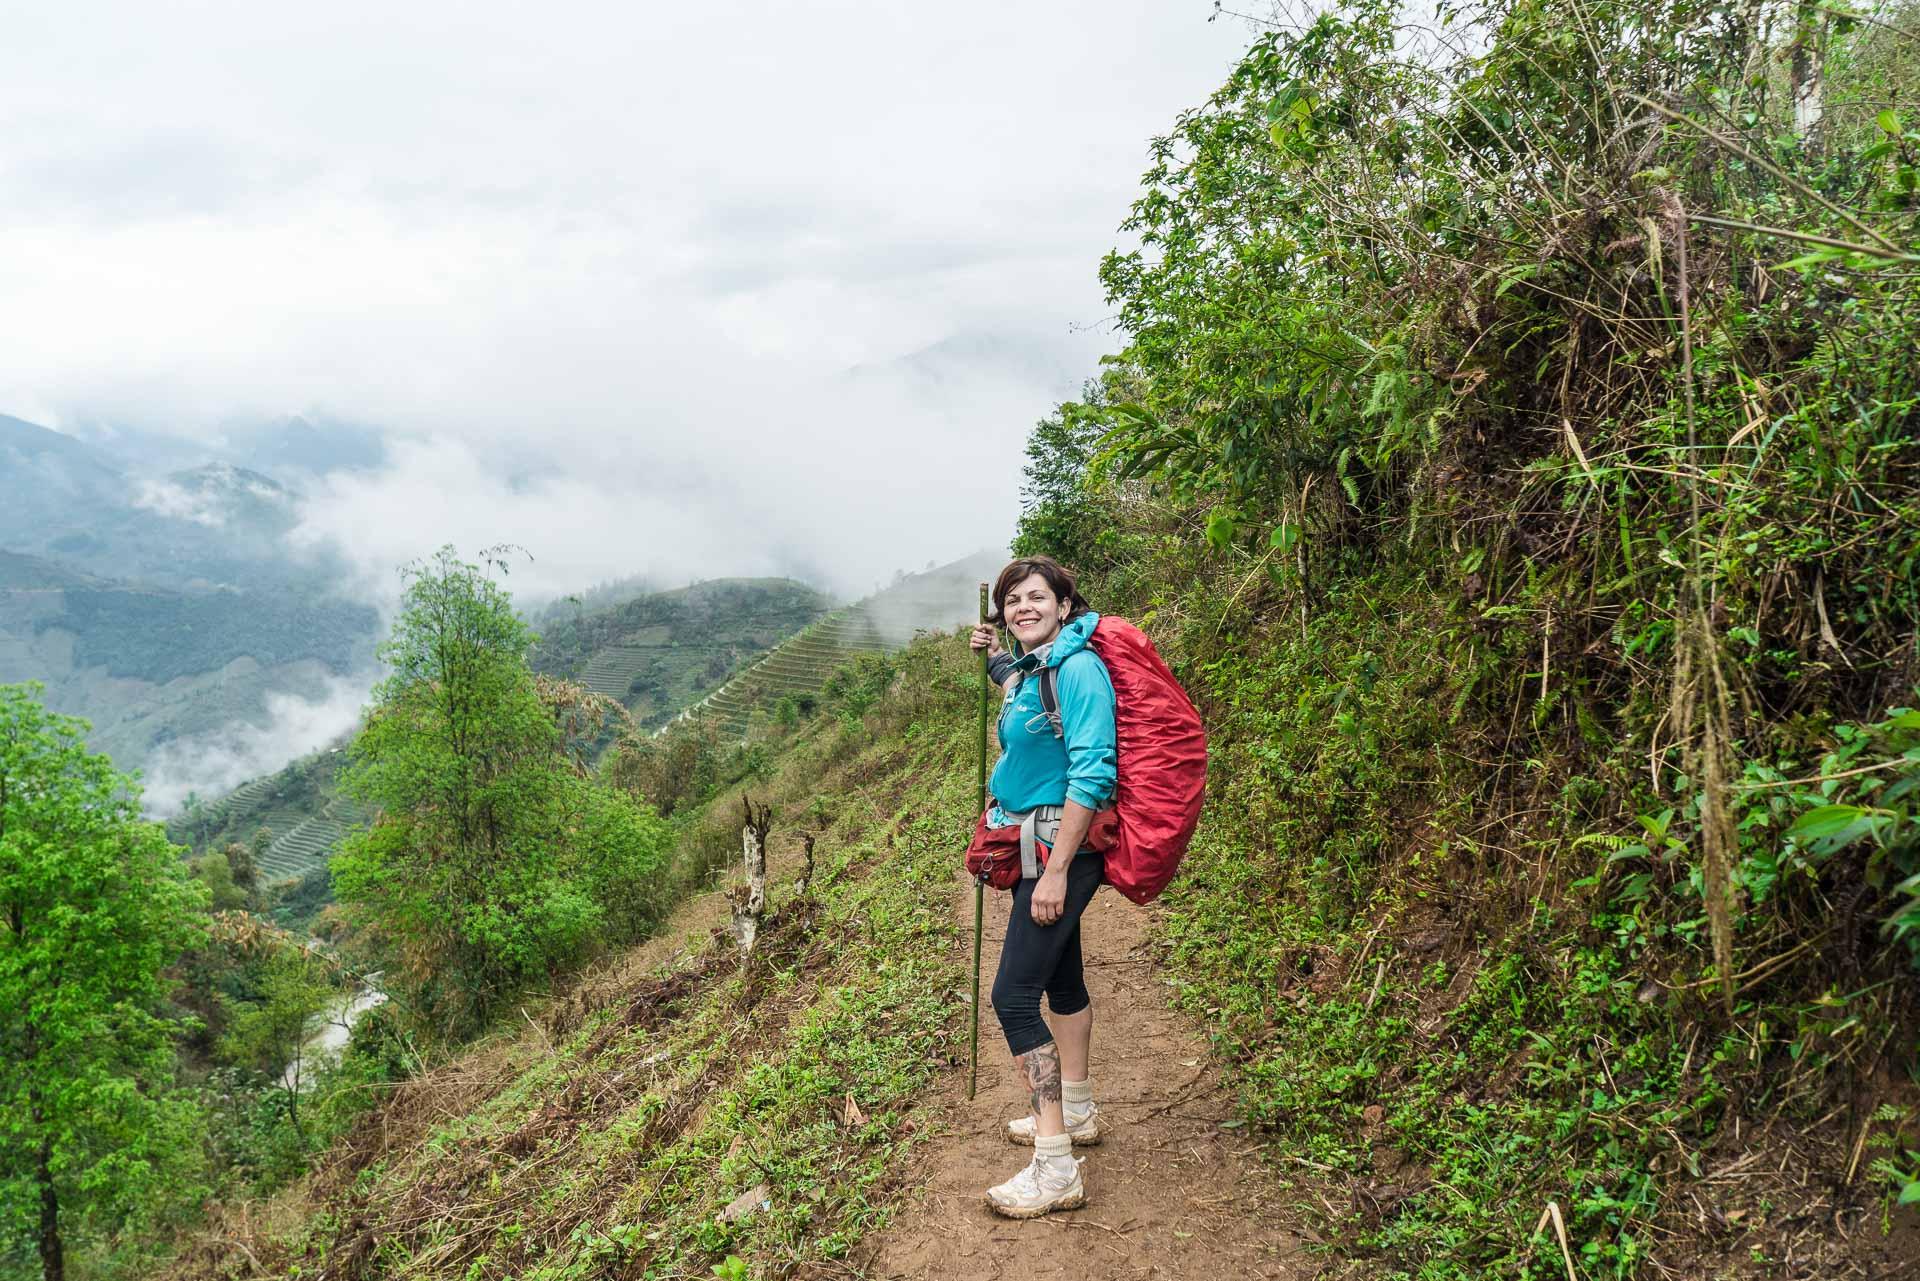 lesvoyageuses-trek-sapa-minorites-ethniques-itineraire-vietnam-39